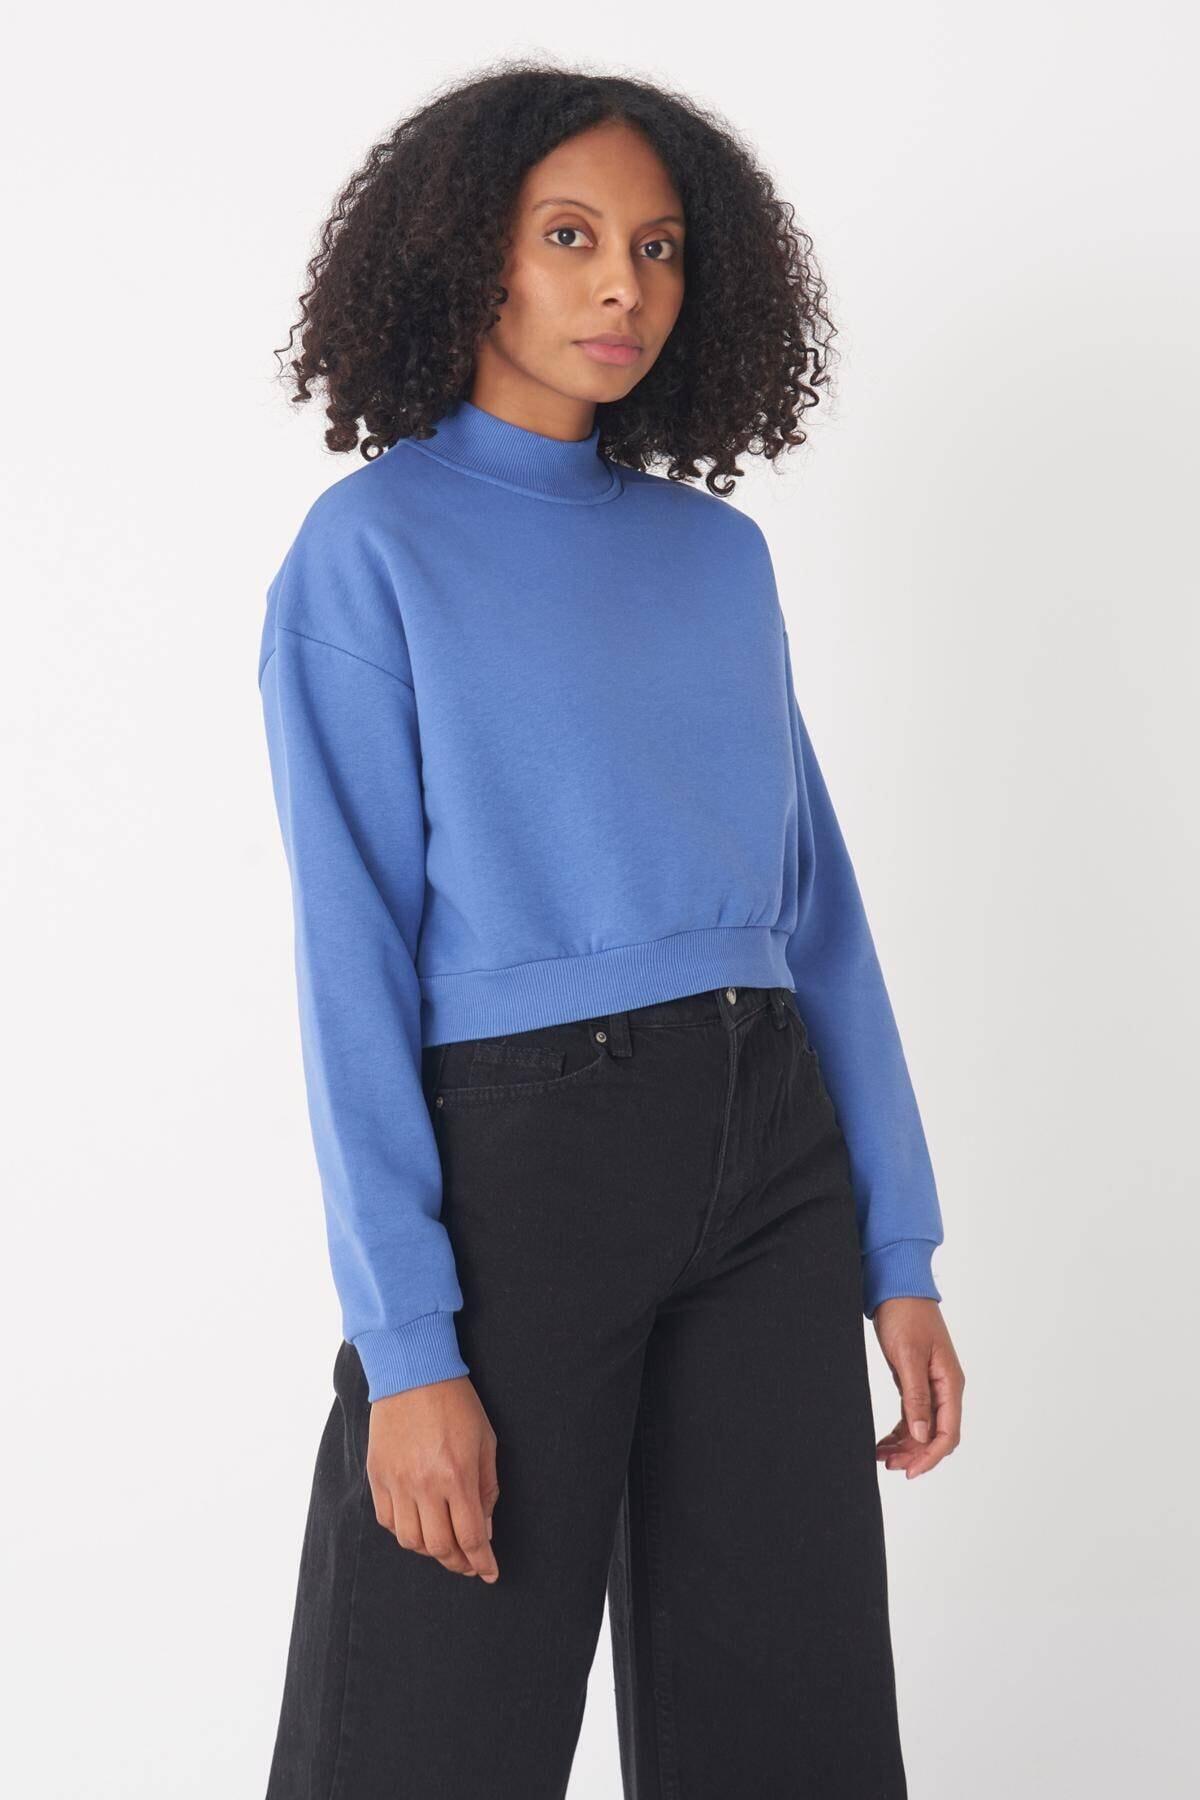 Addax Kadın Mavi Yarım Balıkçı Yaka Kısa  Sweatshirt S8625 - B9 ADX-0000020605 1